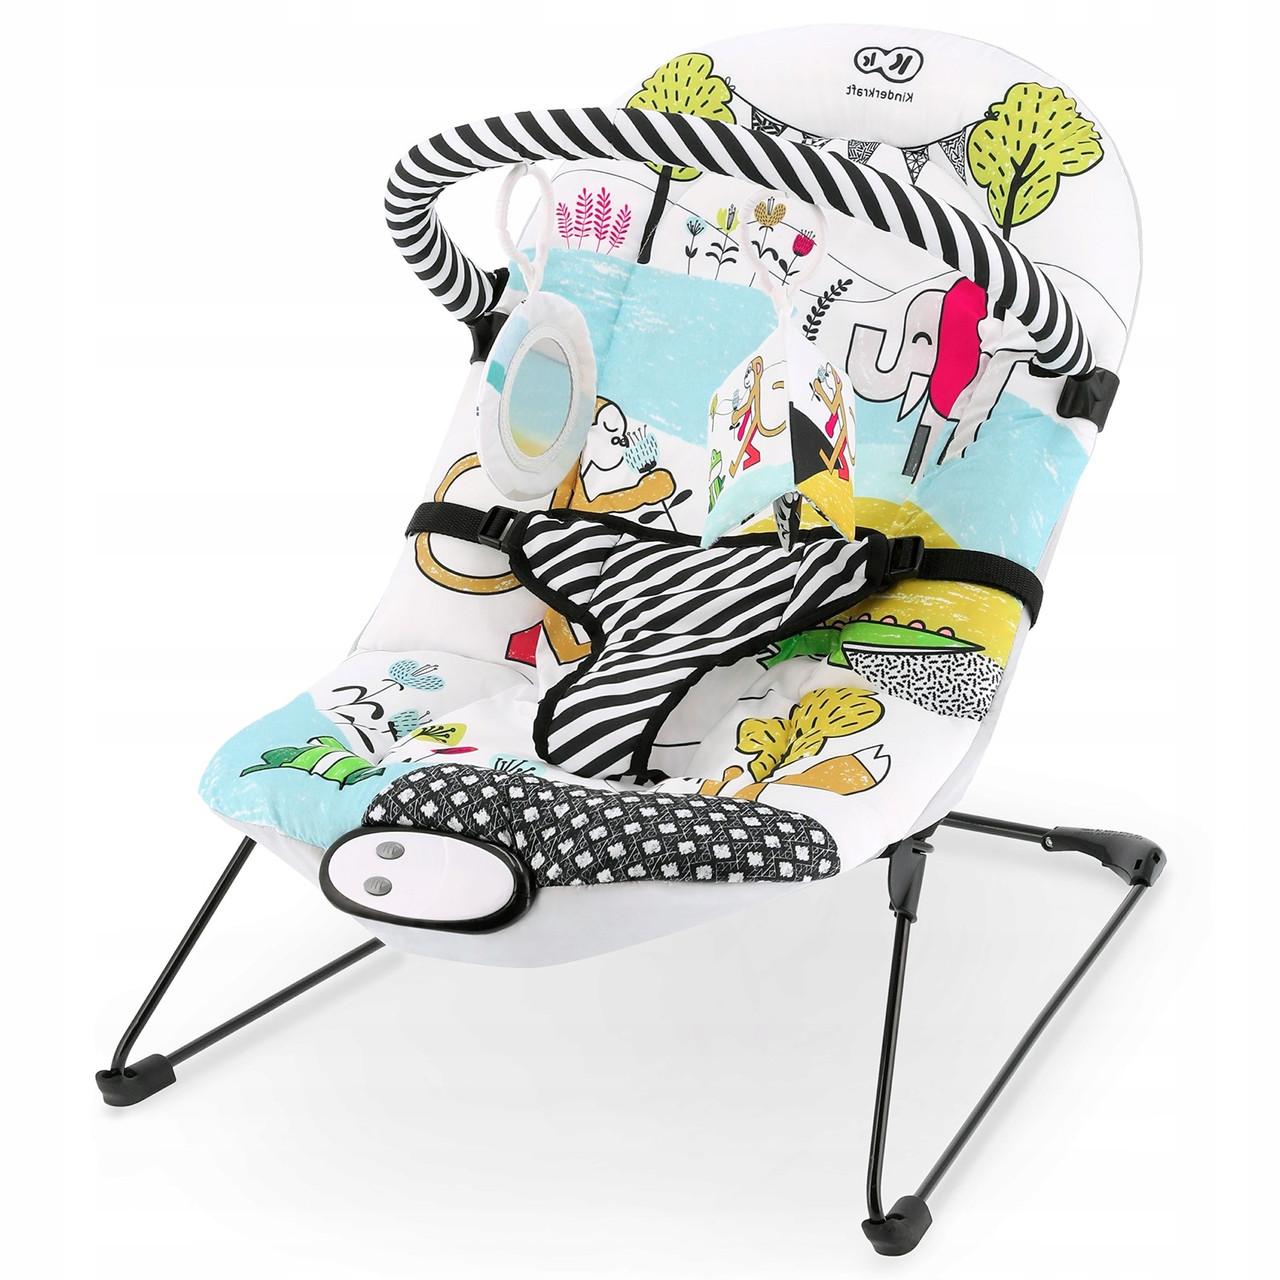 Детское кресло-качалка KinderKraft Smartfun для новорожденных + подвесные игрушки